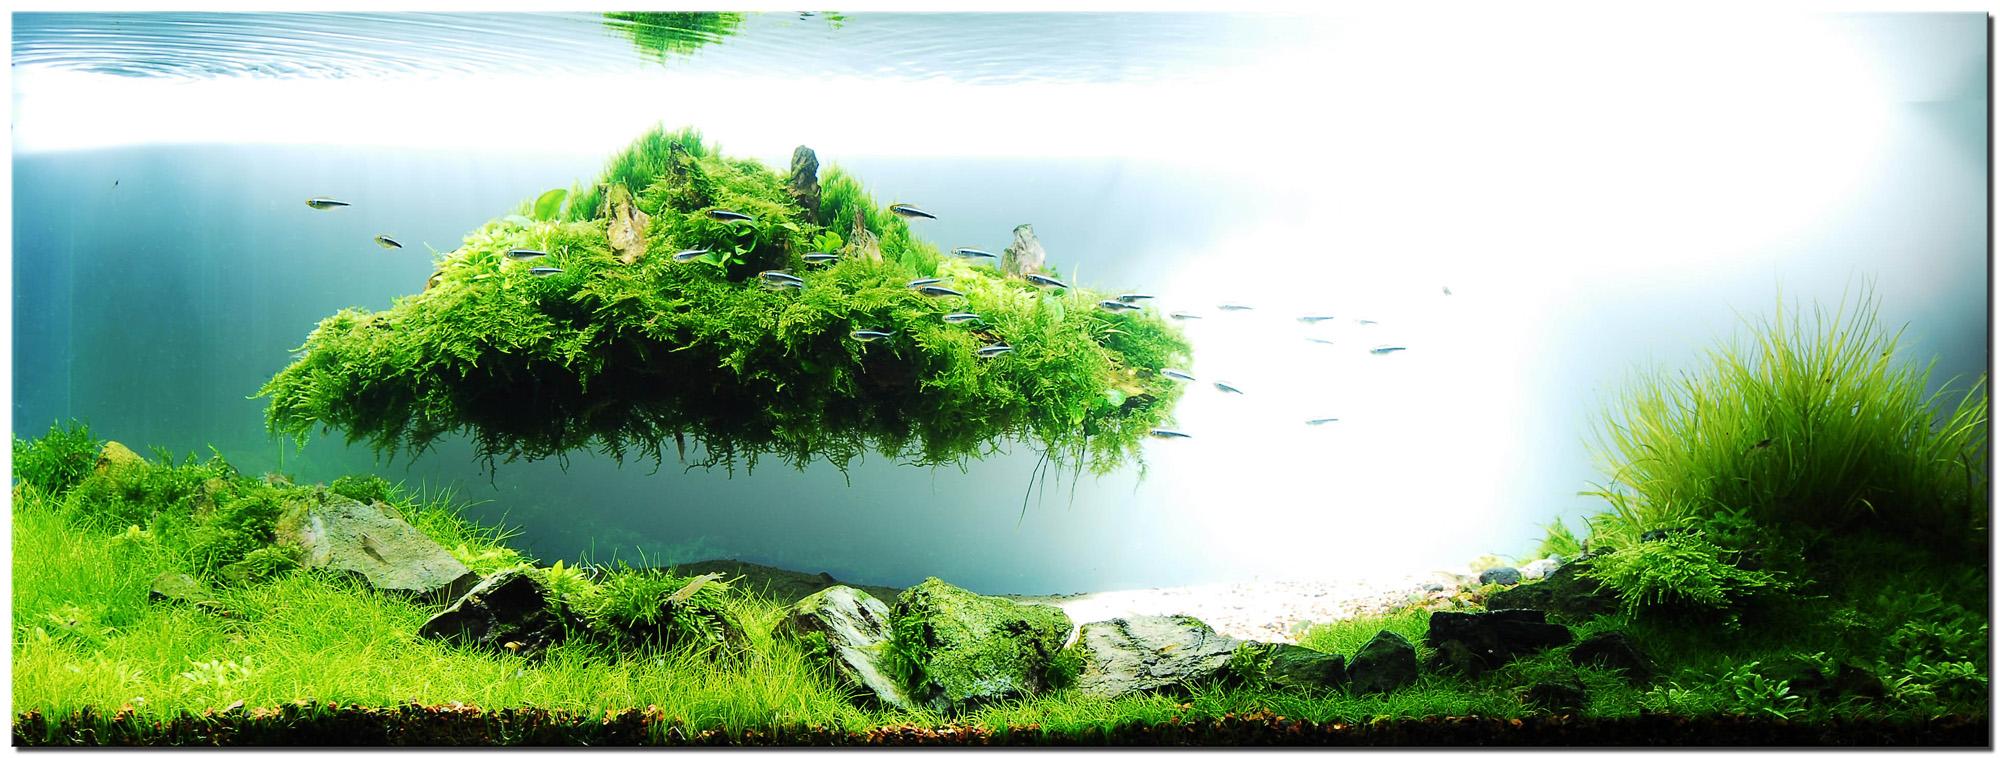 انتخاب گیاهان آکواریومی ,چگونکی استفاده از رنگ در تانک گیاهی